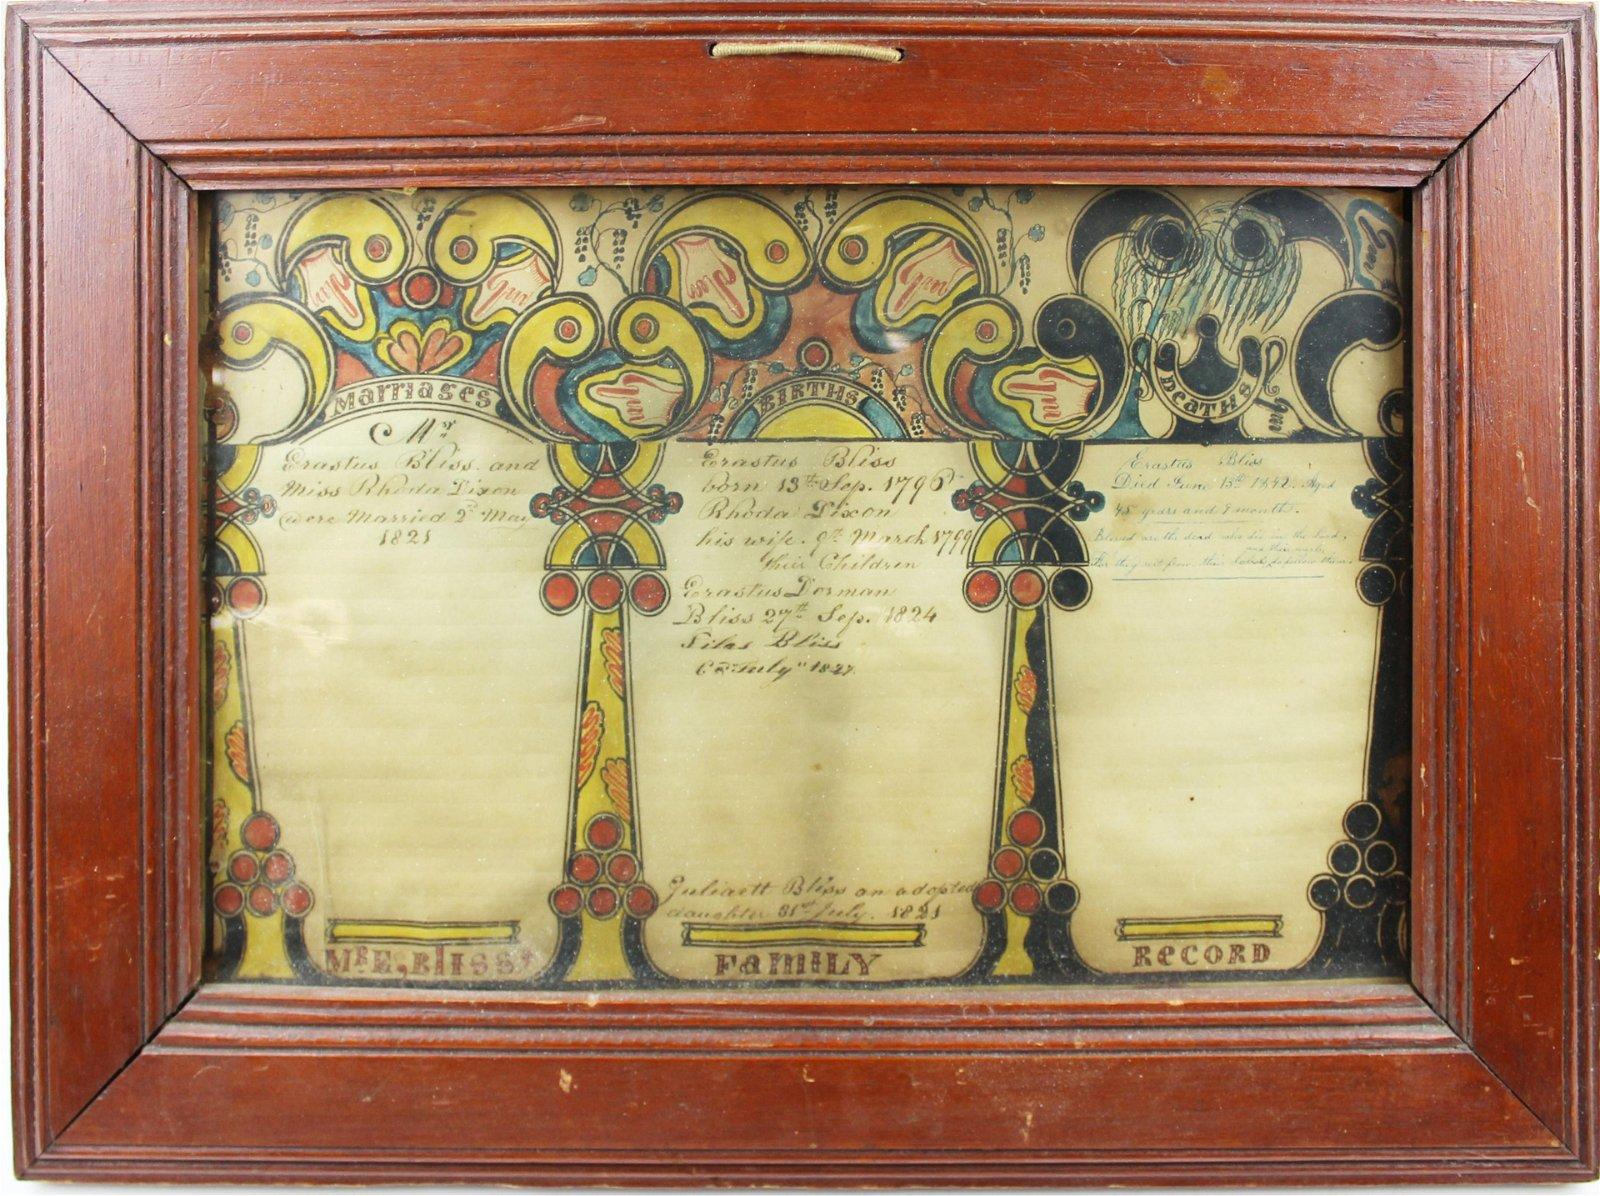 Erastus Bliss Colchester, VT family record